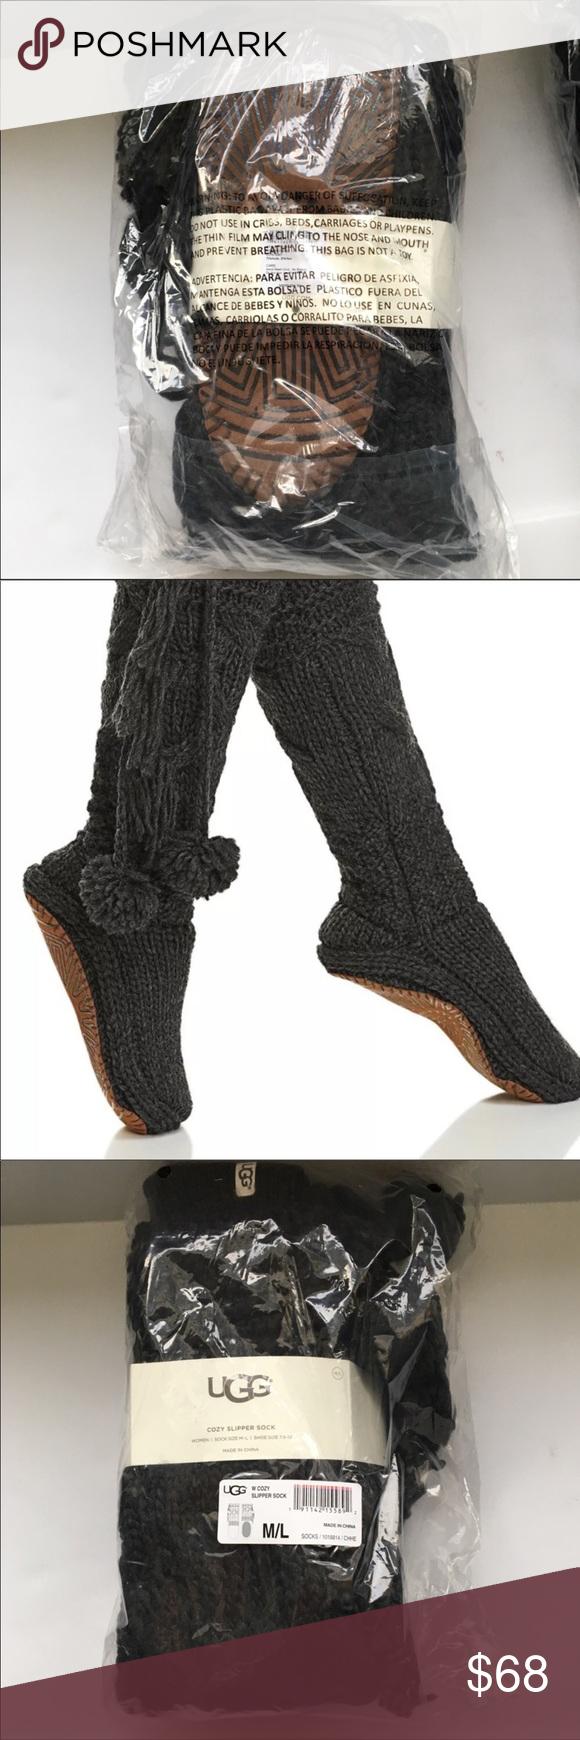 4d618aca0d3 Ugg Cozy Slipper Socks Dark Heather Gray M/L NWT Brand new in ...